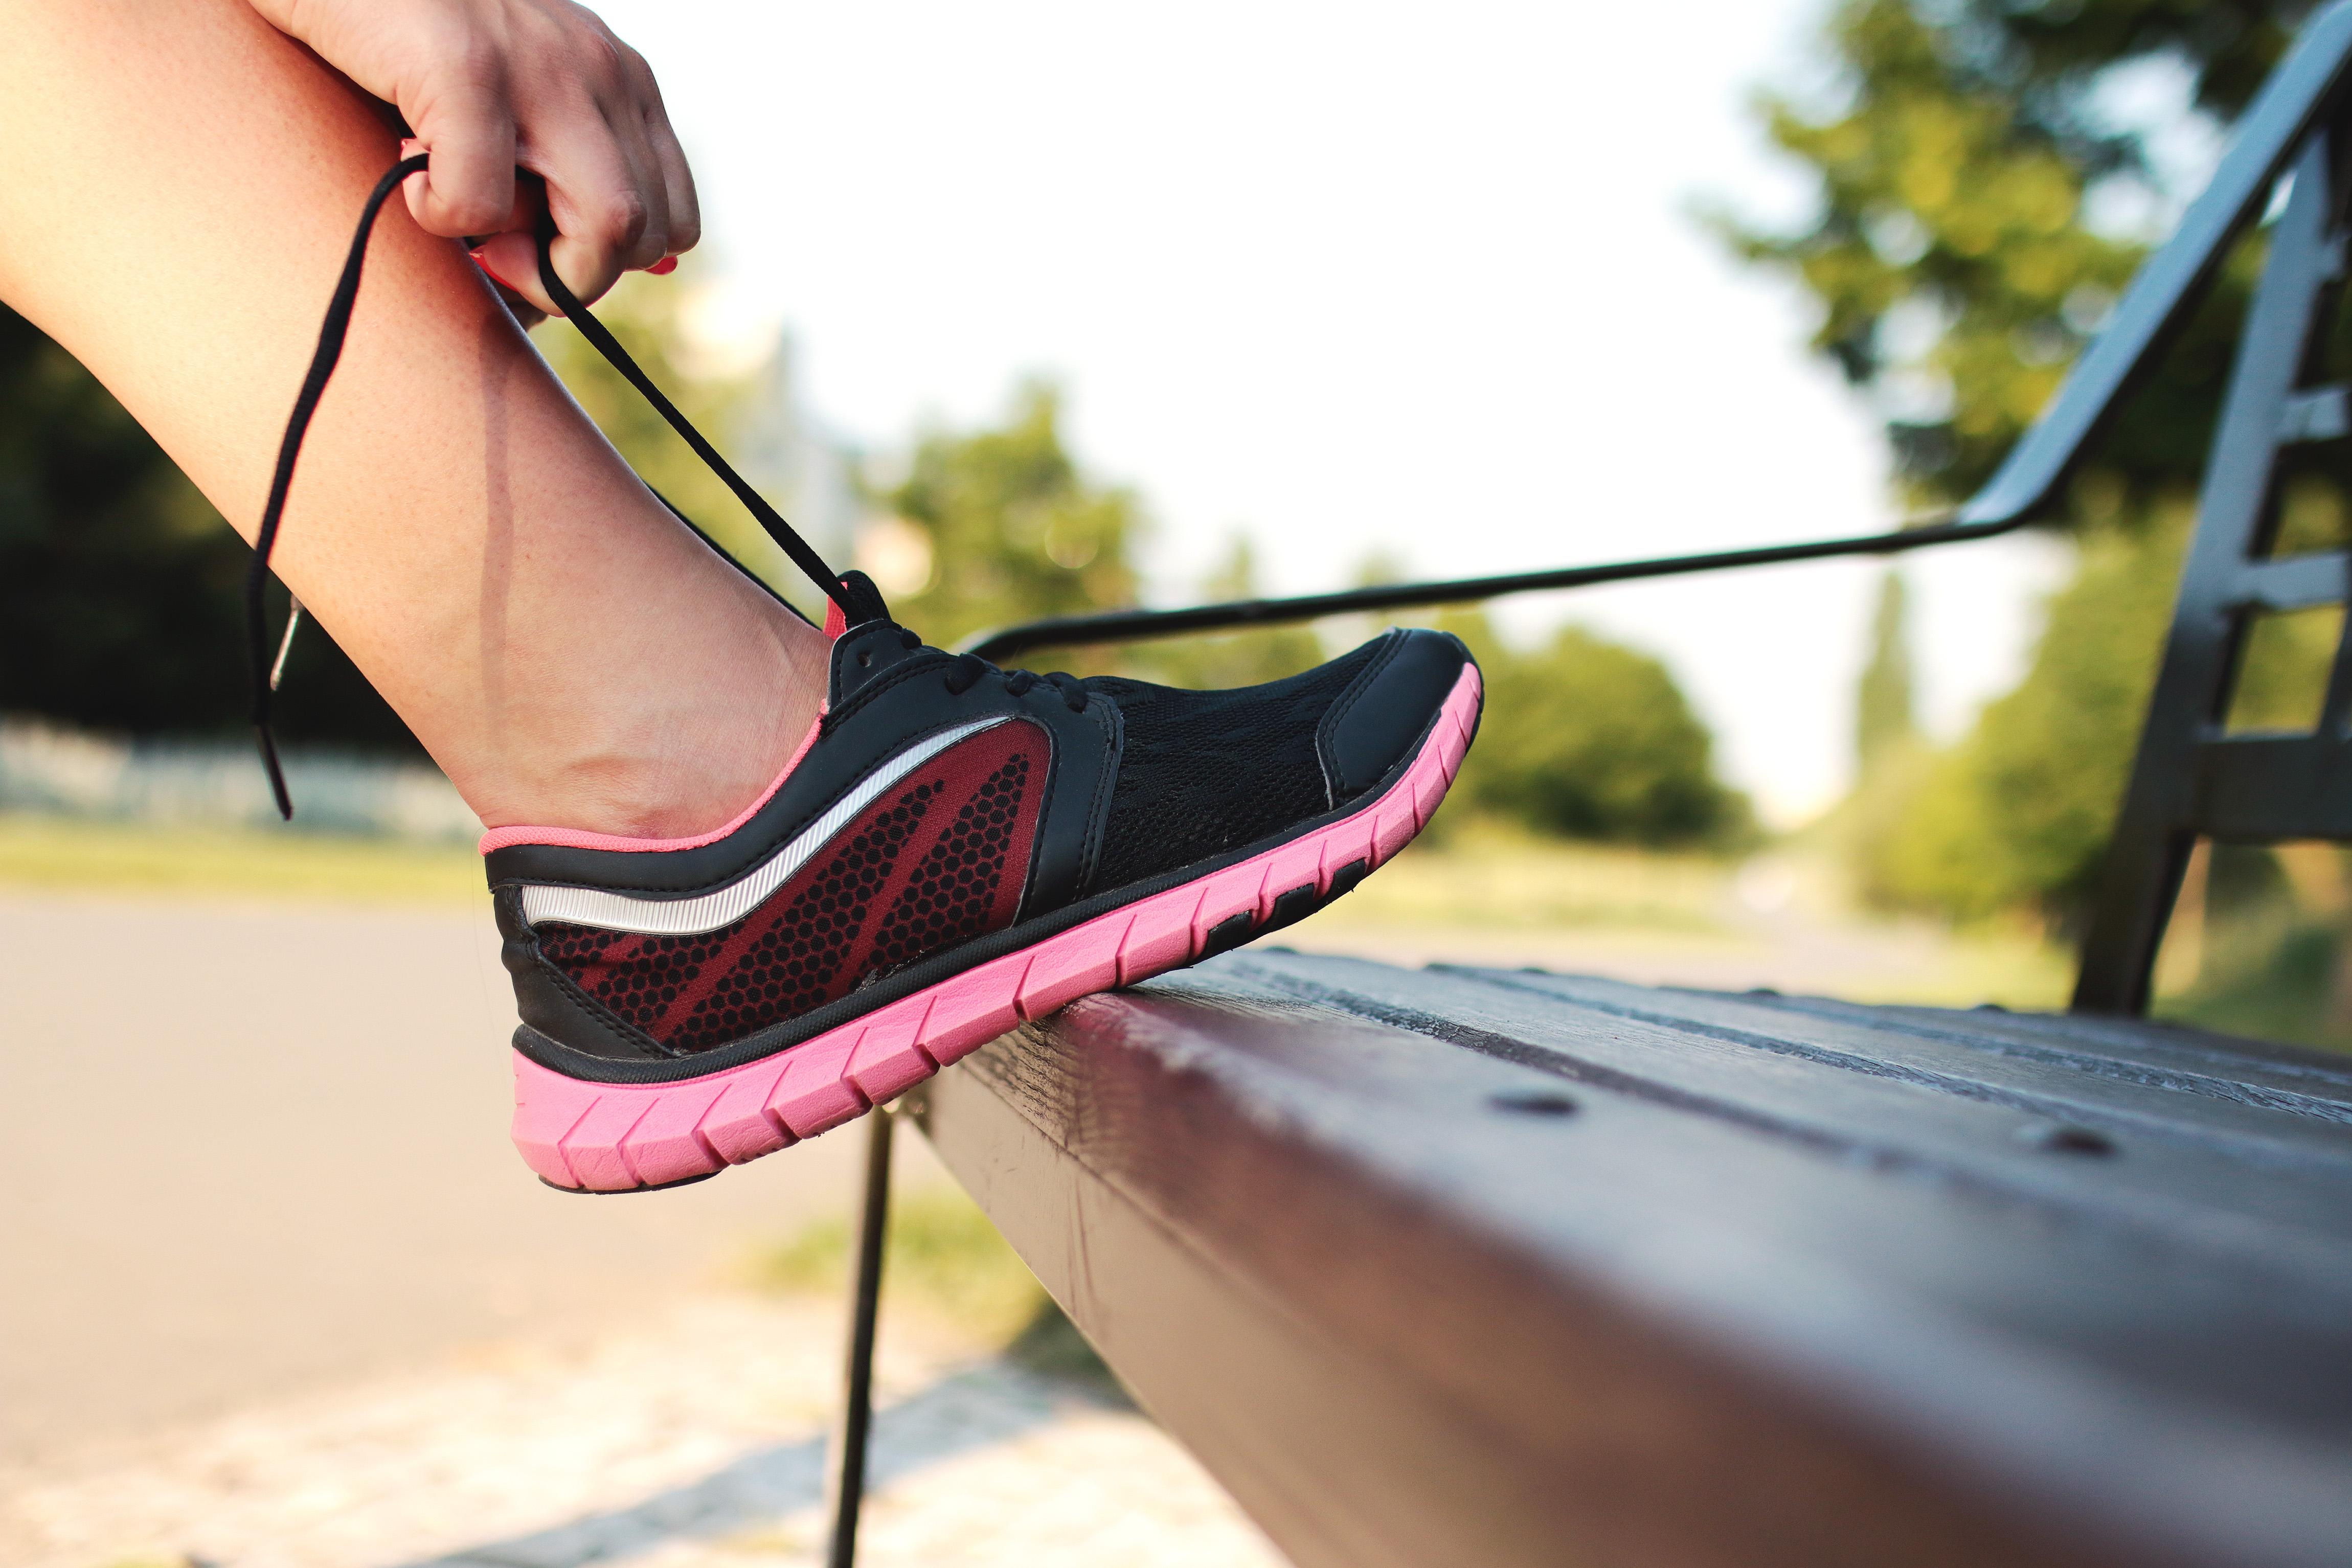 Tengo obesidad, sobrepeso o diabetes. ¿Cómo cambio mis hábitos de alimentación para controlarlos?